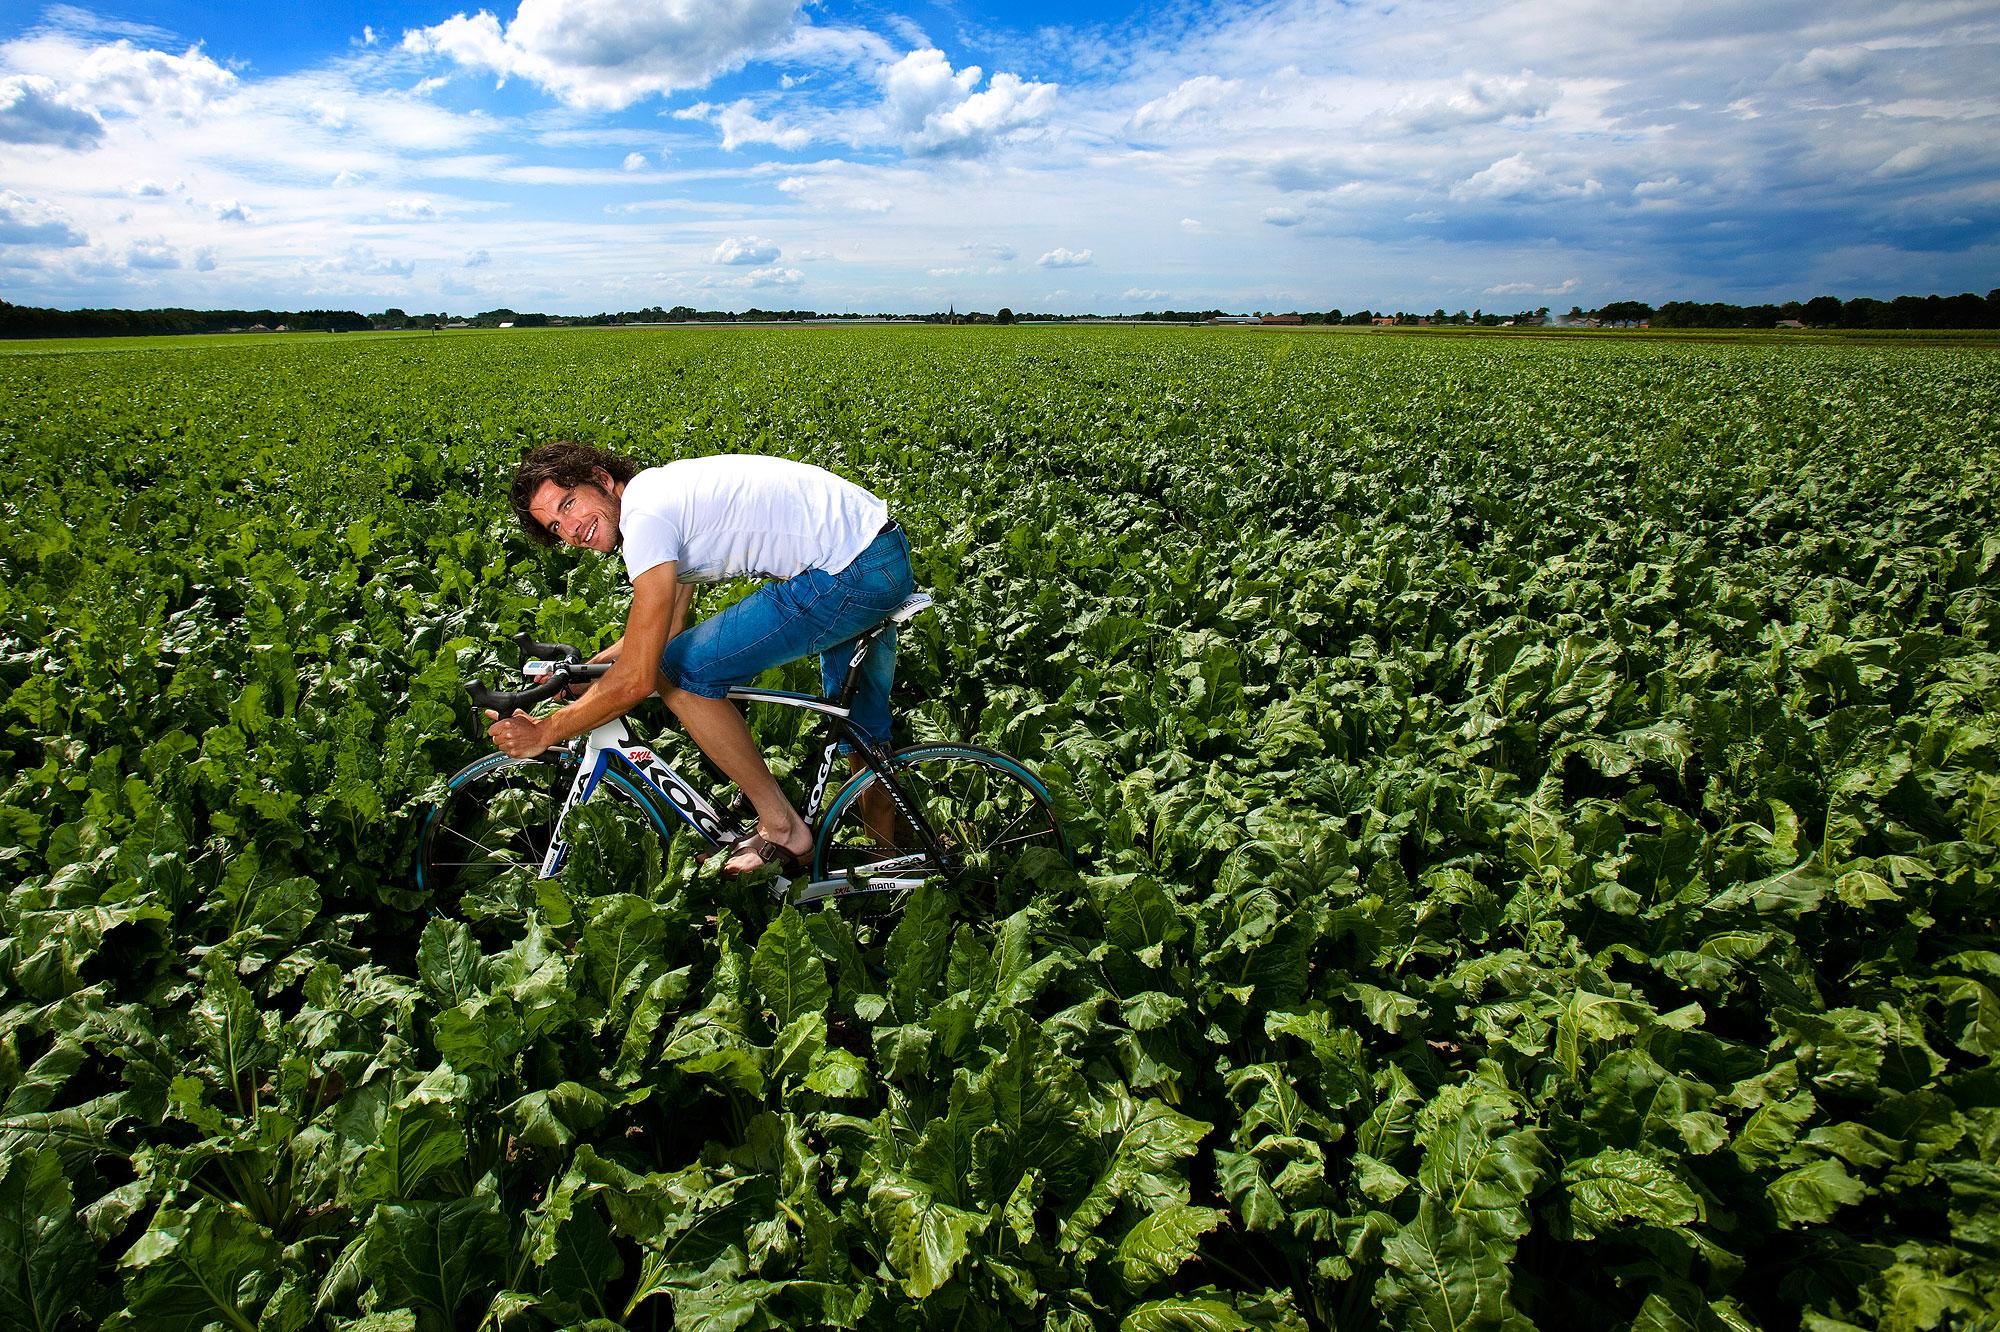 Roy Curvers op zijn fiets in het groenteveld